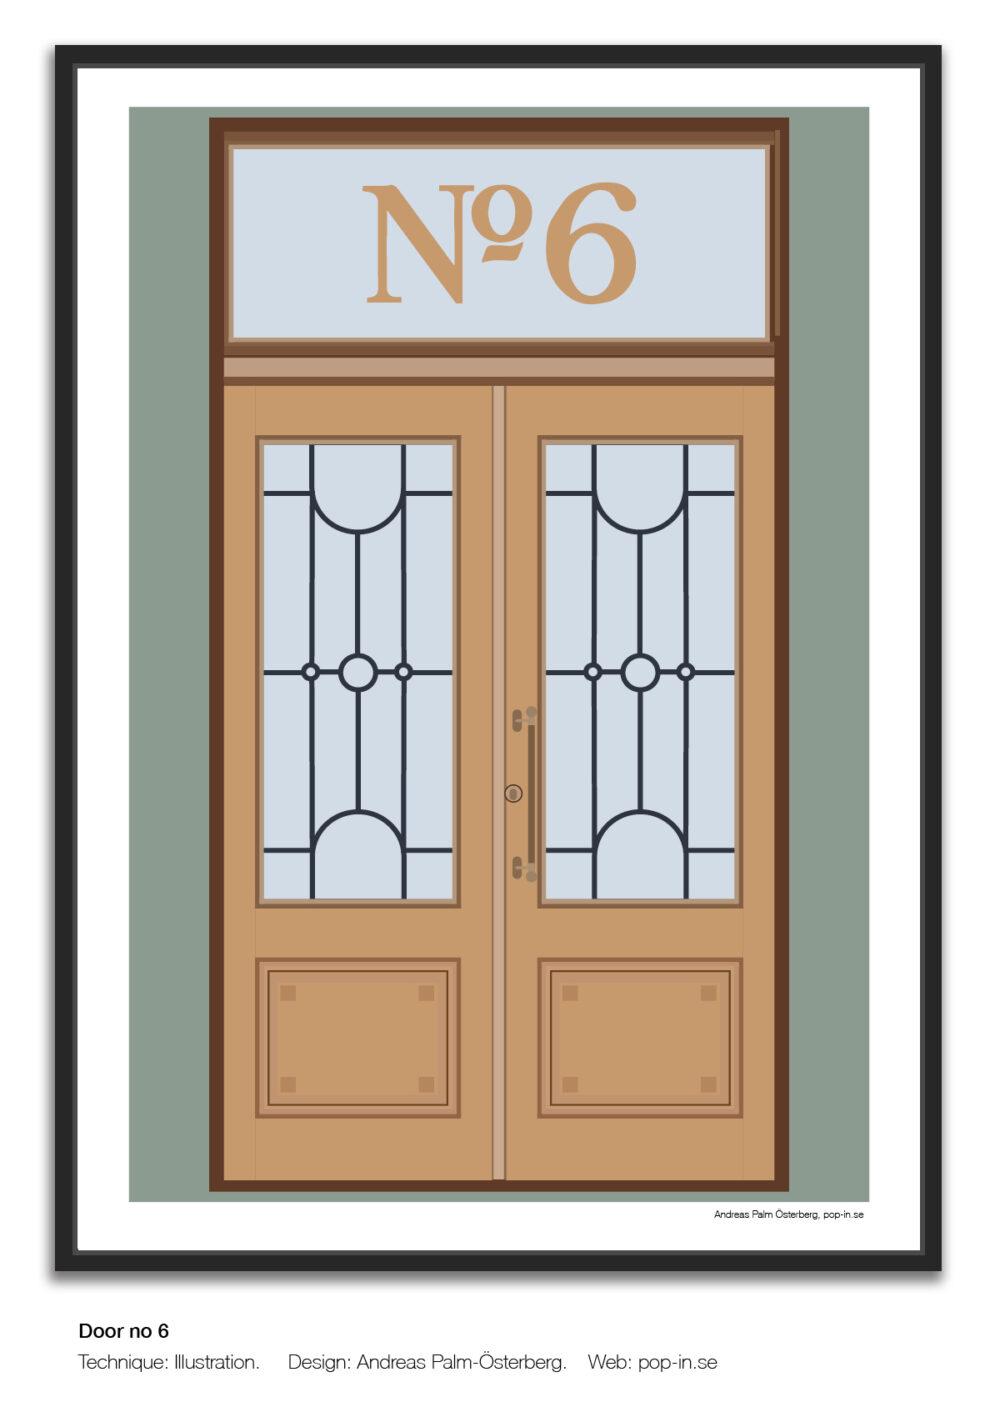 Door no 6